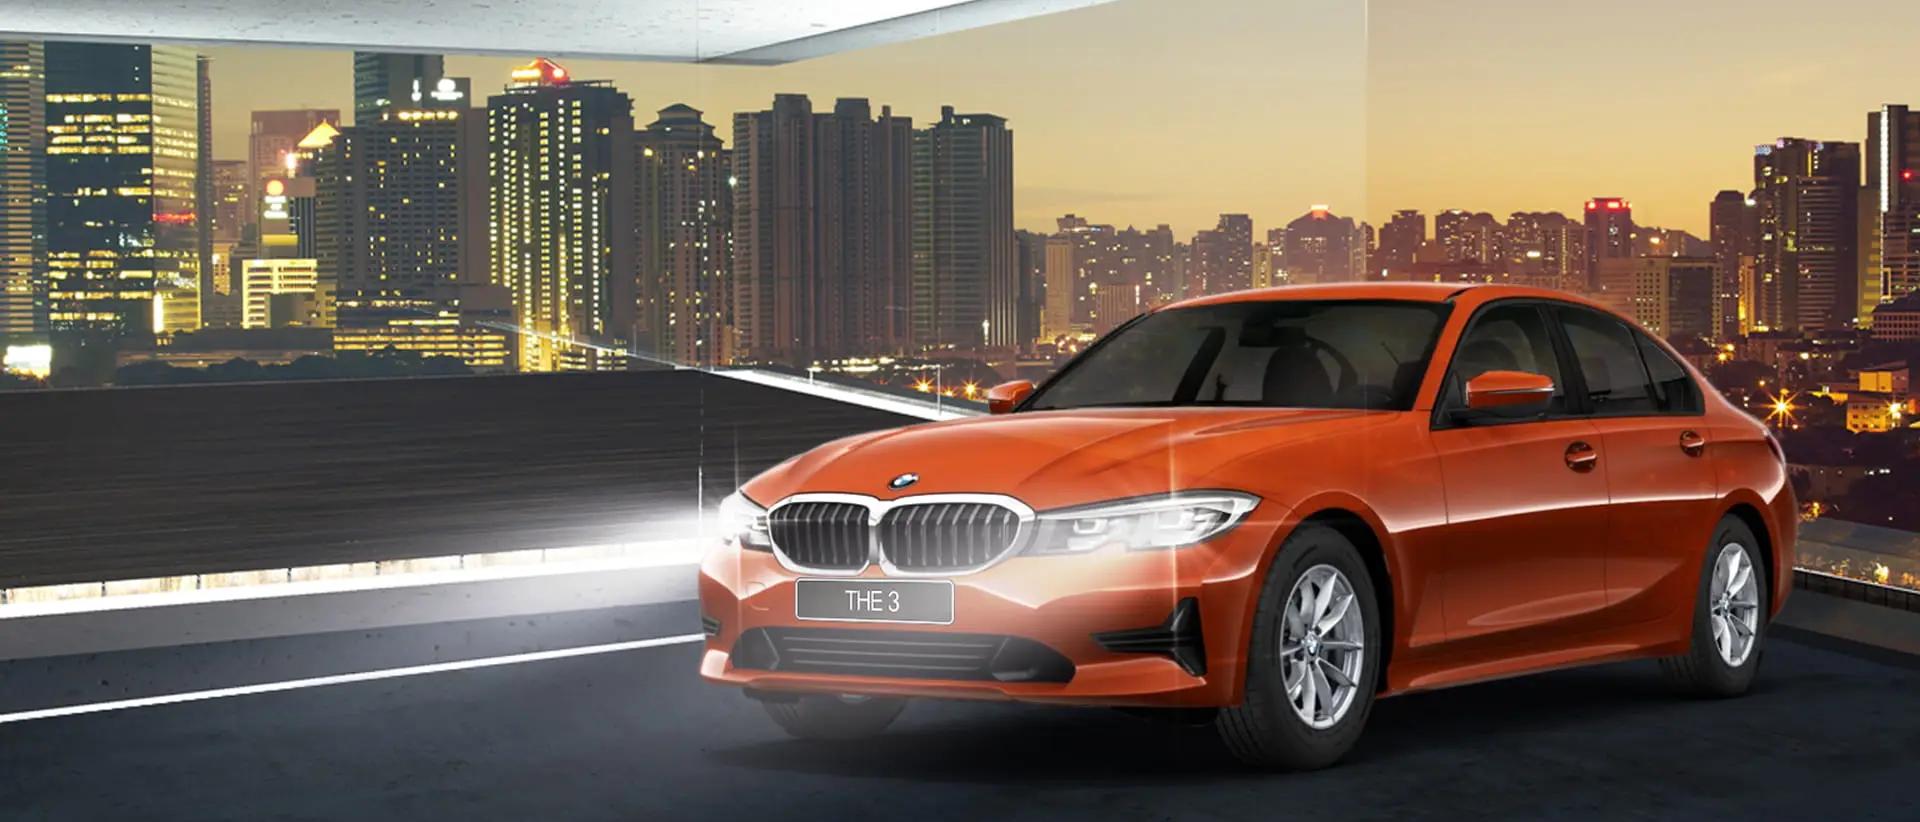 Купить новый БМВ Х4 2020-2021 в Москве в автосалоне официального дилера BMW Автодом Внуково